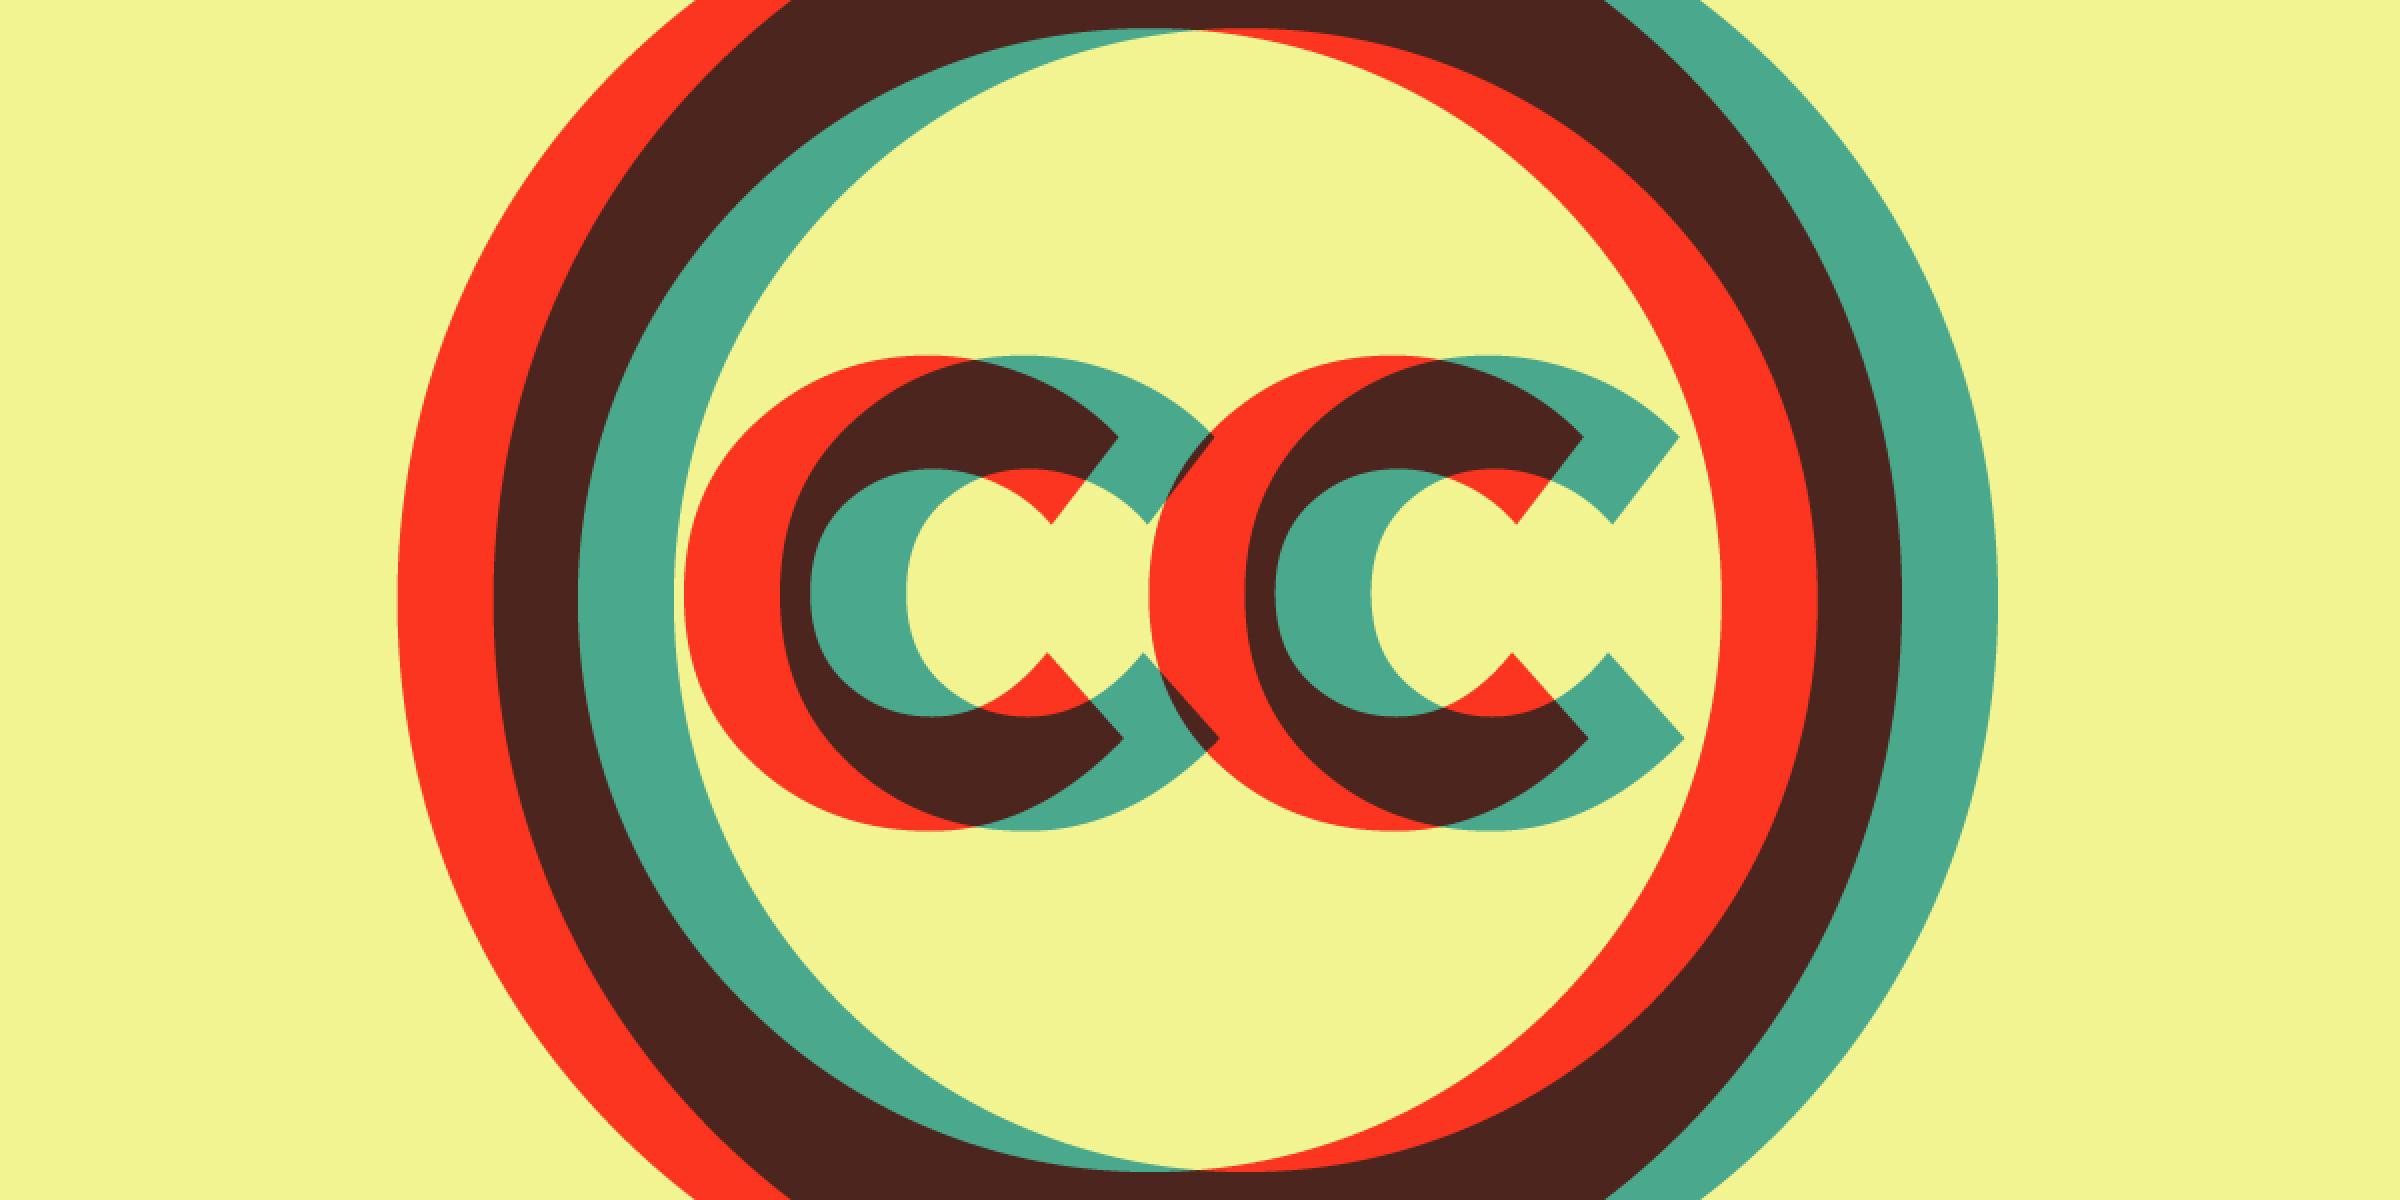 CC Search : un site pour trouver facilement des photos libres de droits sur le net